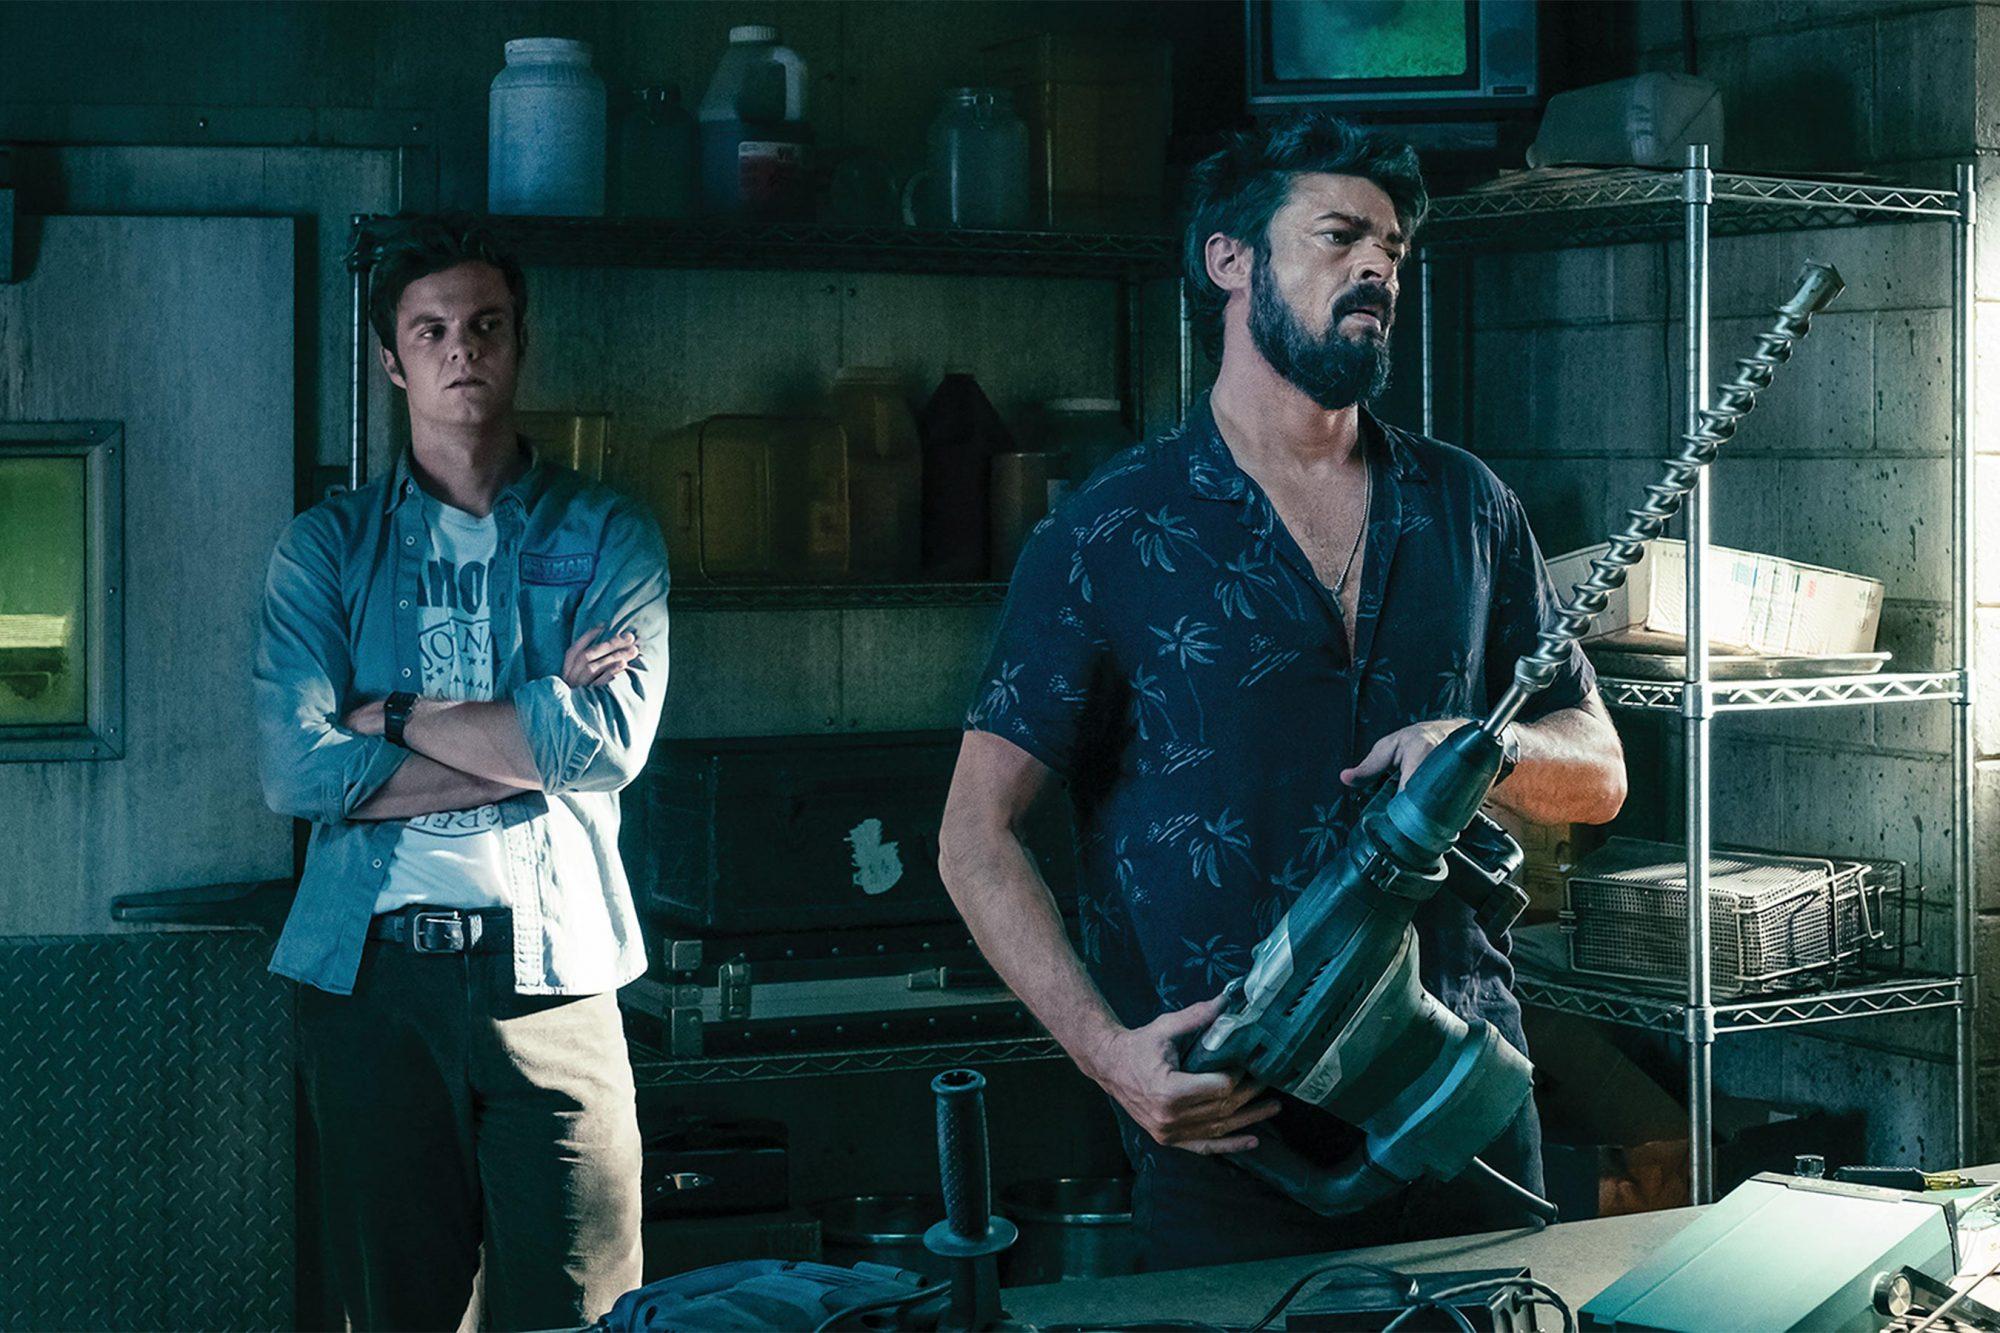 The Boys Season 1, Episode 2 Jack Quaid and Karl Urban CR: Jan Thijs/Amazon Prime Video